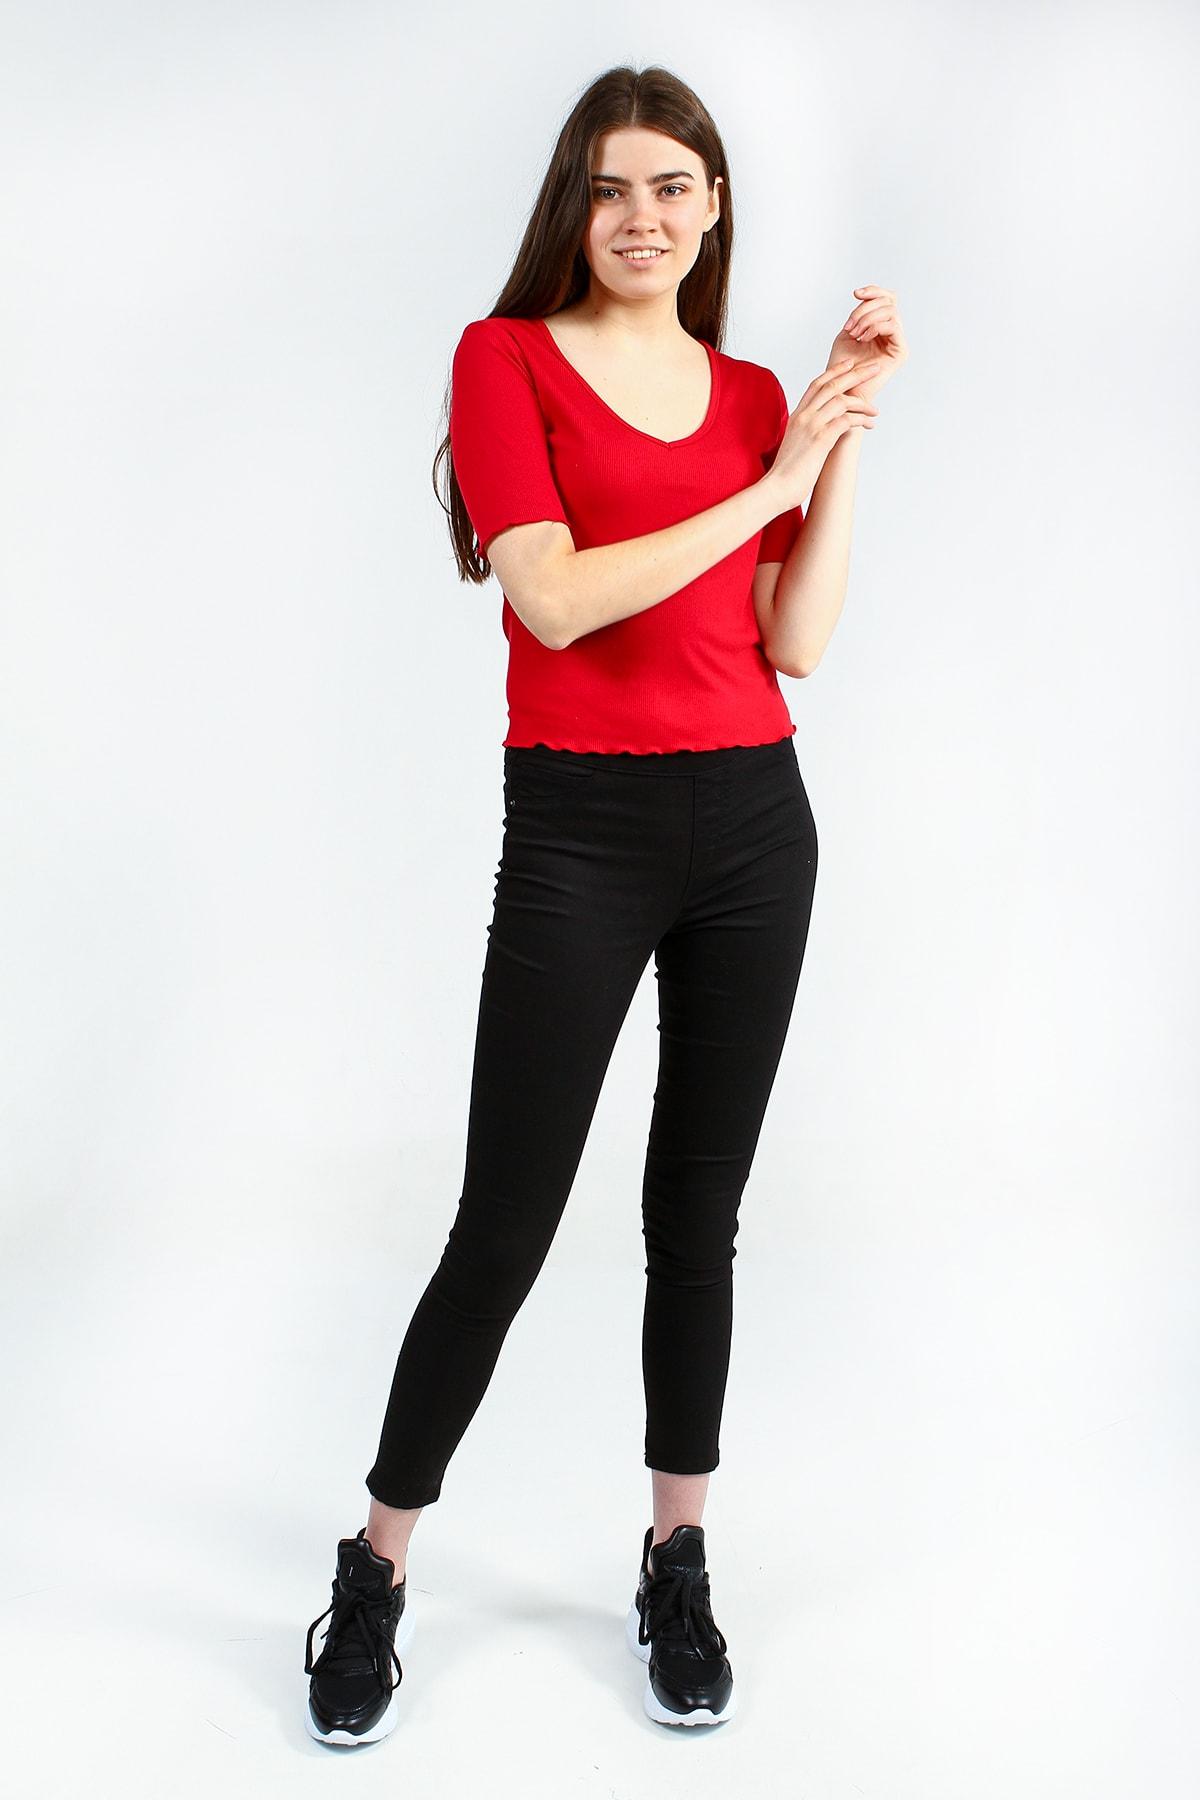 Collezione Kırmızı V Yakalı Bel Ve Kol Detaylı Kısa Kollu Basic Kadın Tshirt 2